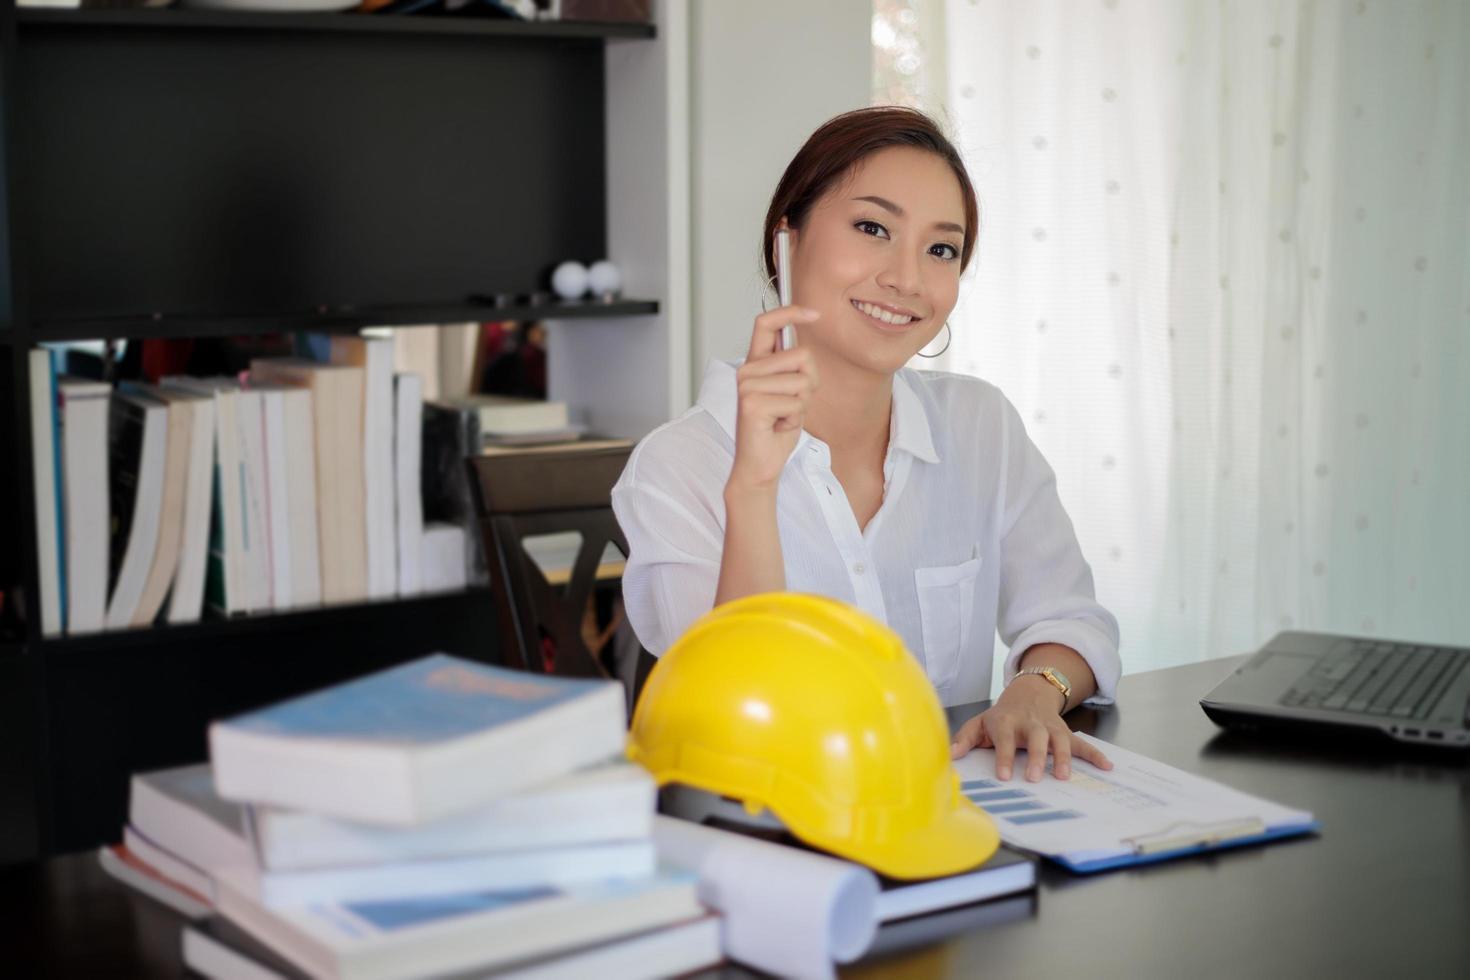 asiatisk kvinna med hård hatt och urklipp i office foto